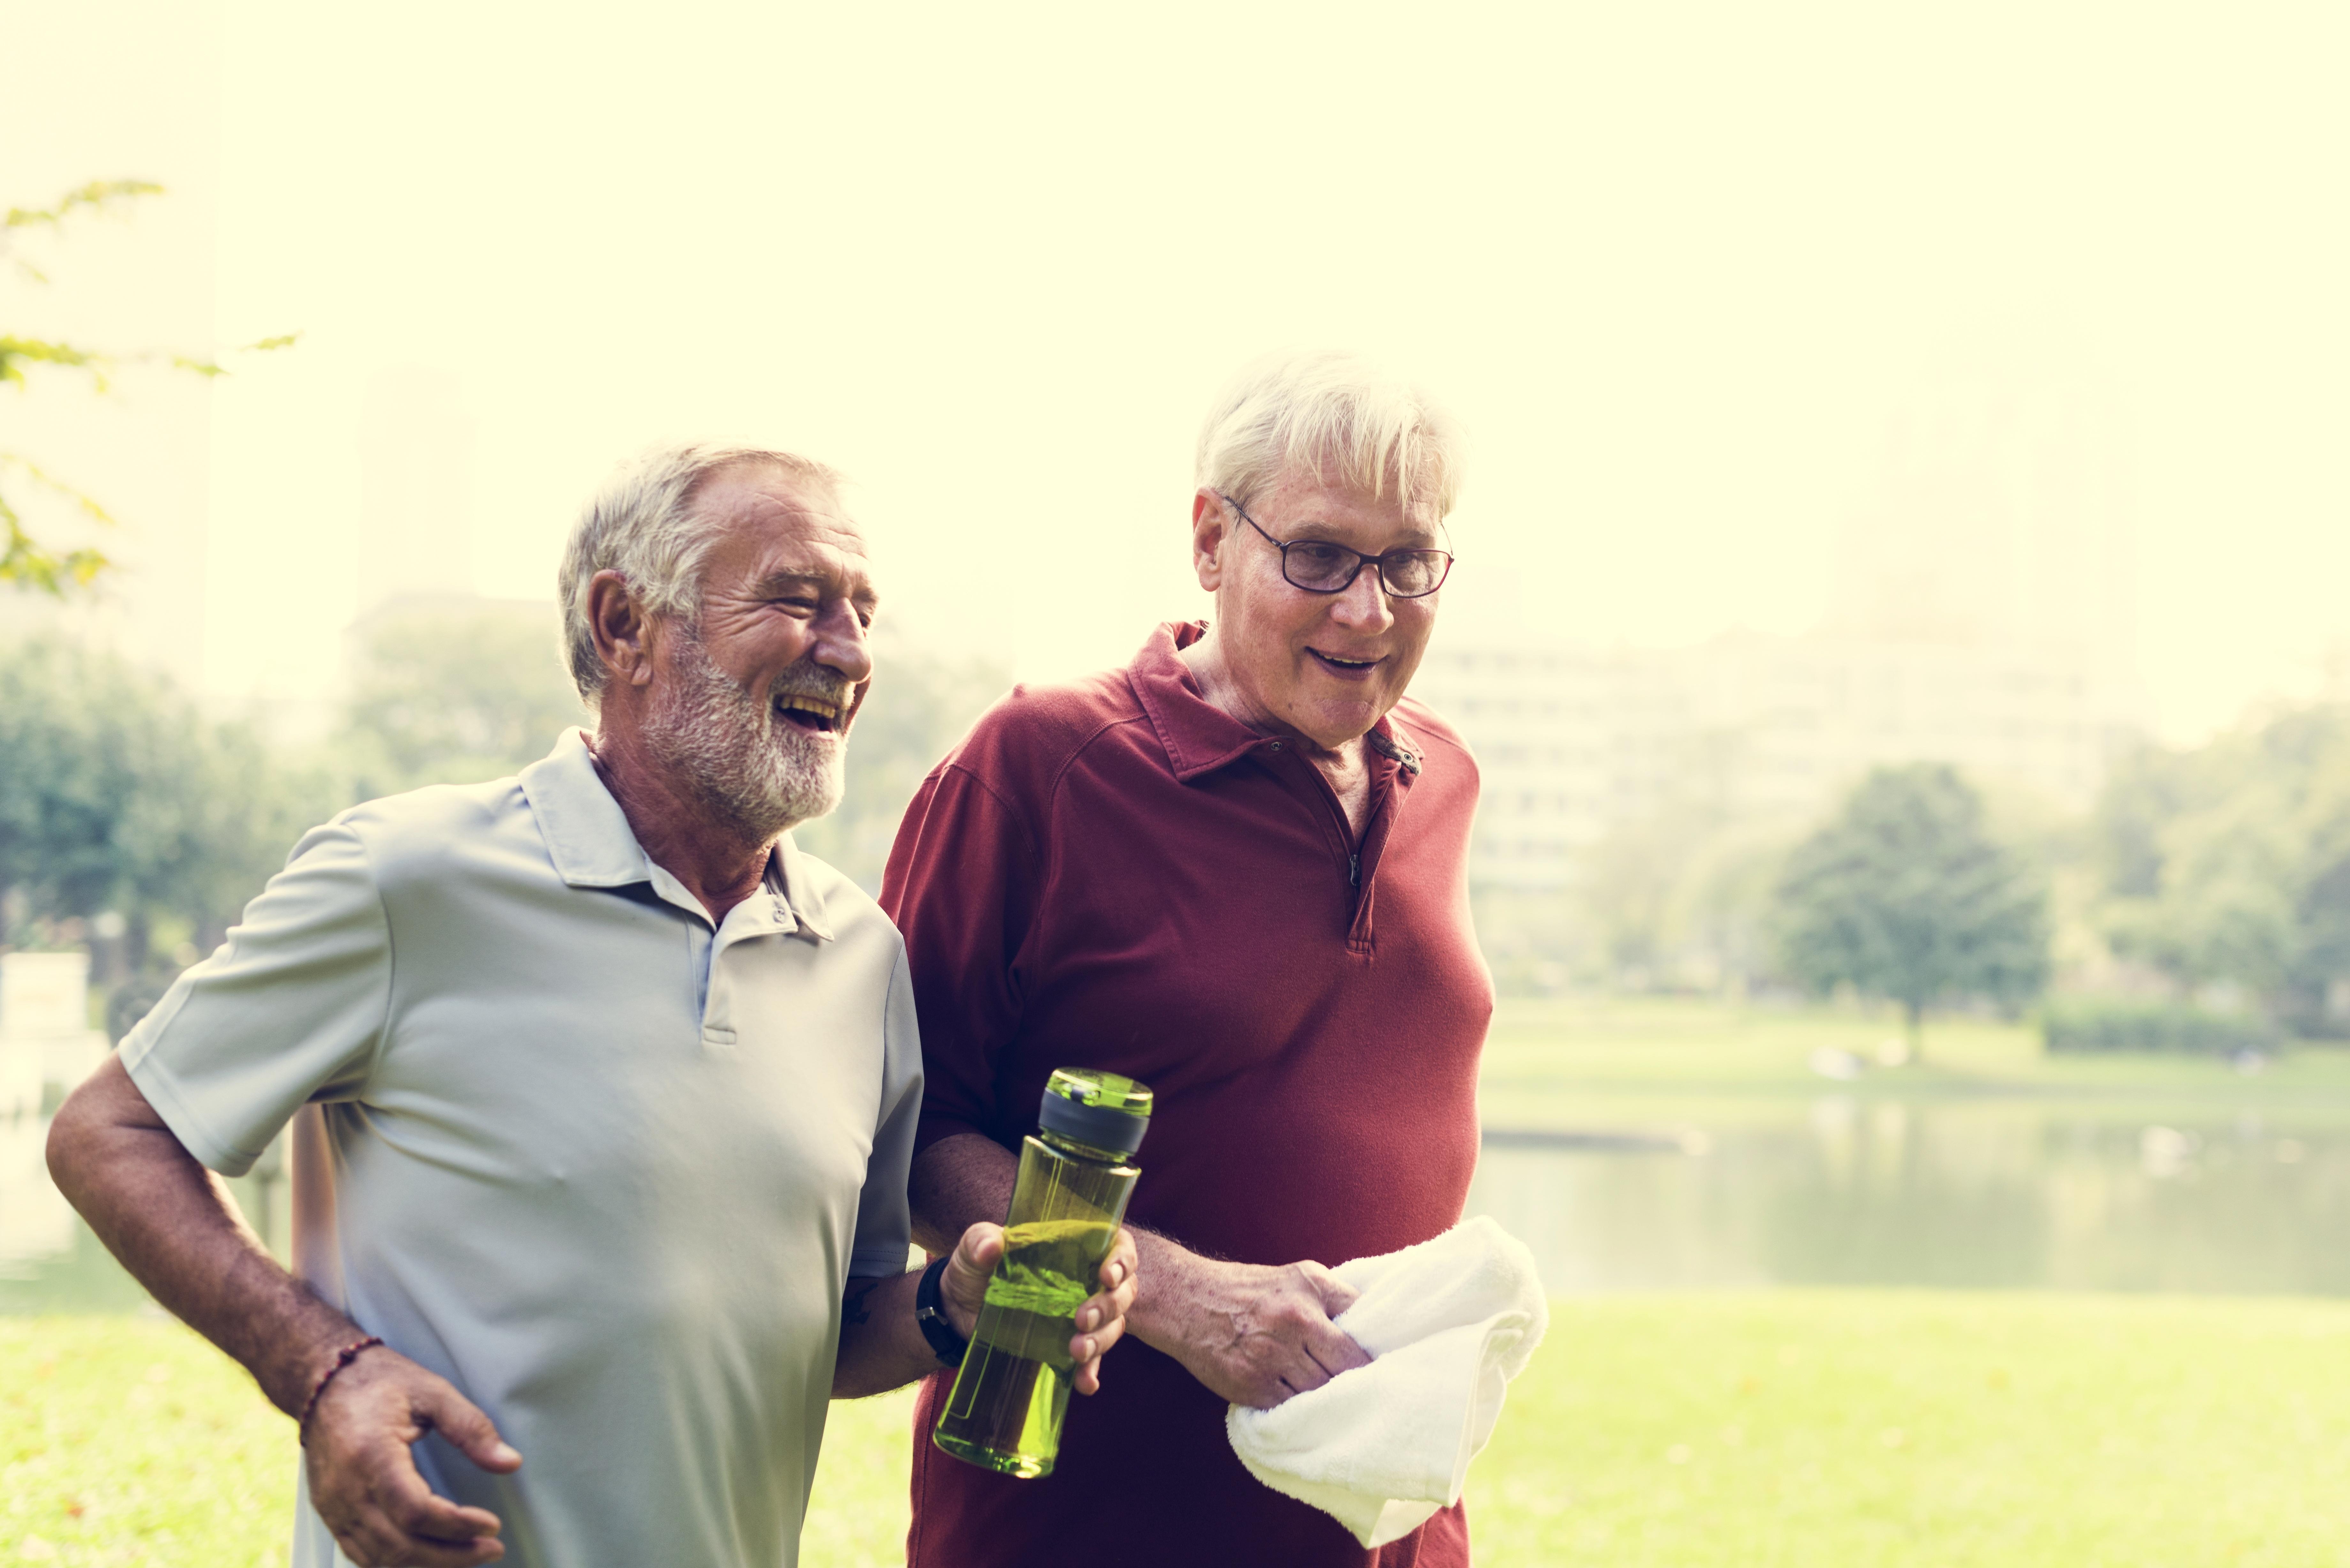 older men exercising.jpg